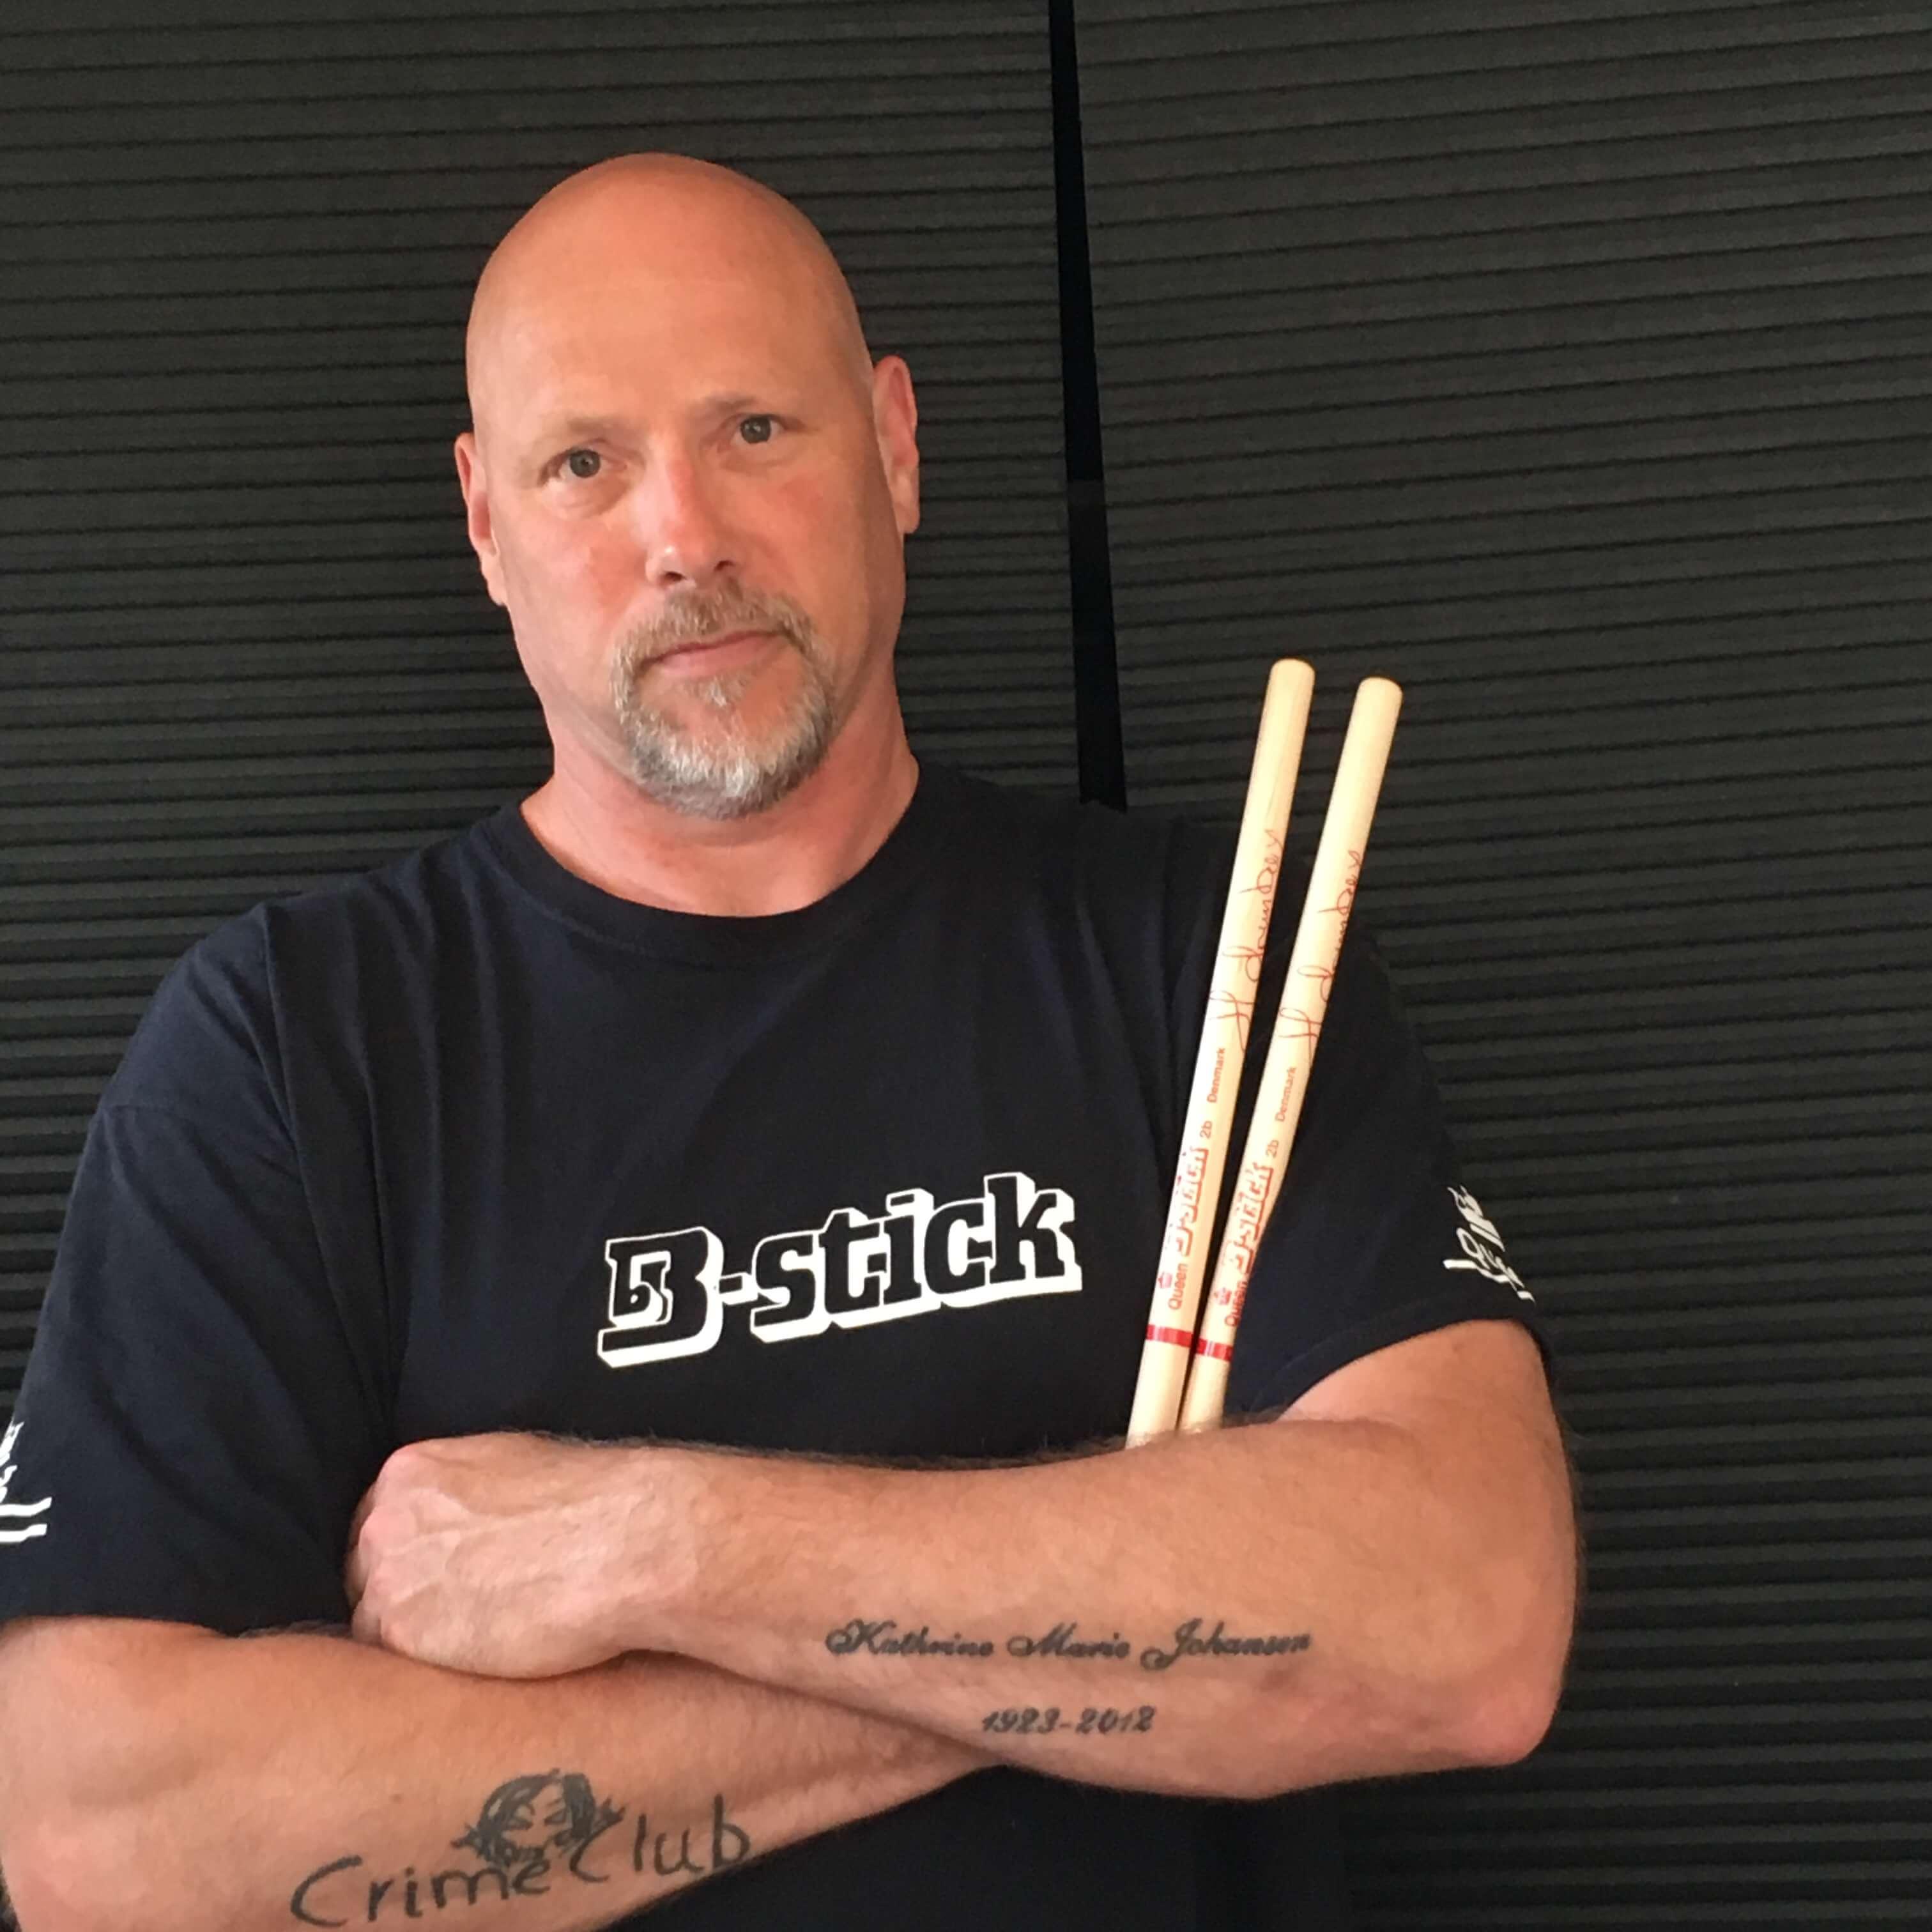 Jesper Haugaard, drummerboy B-stick